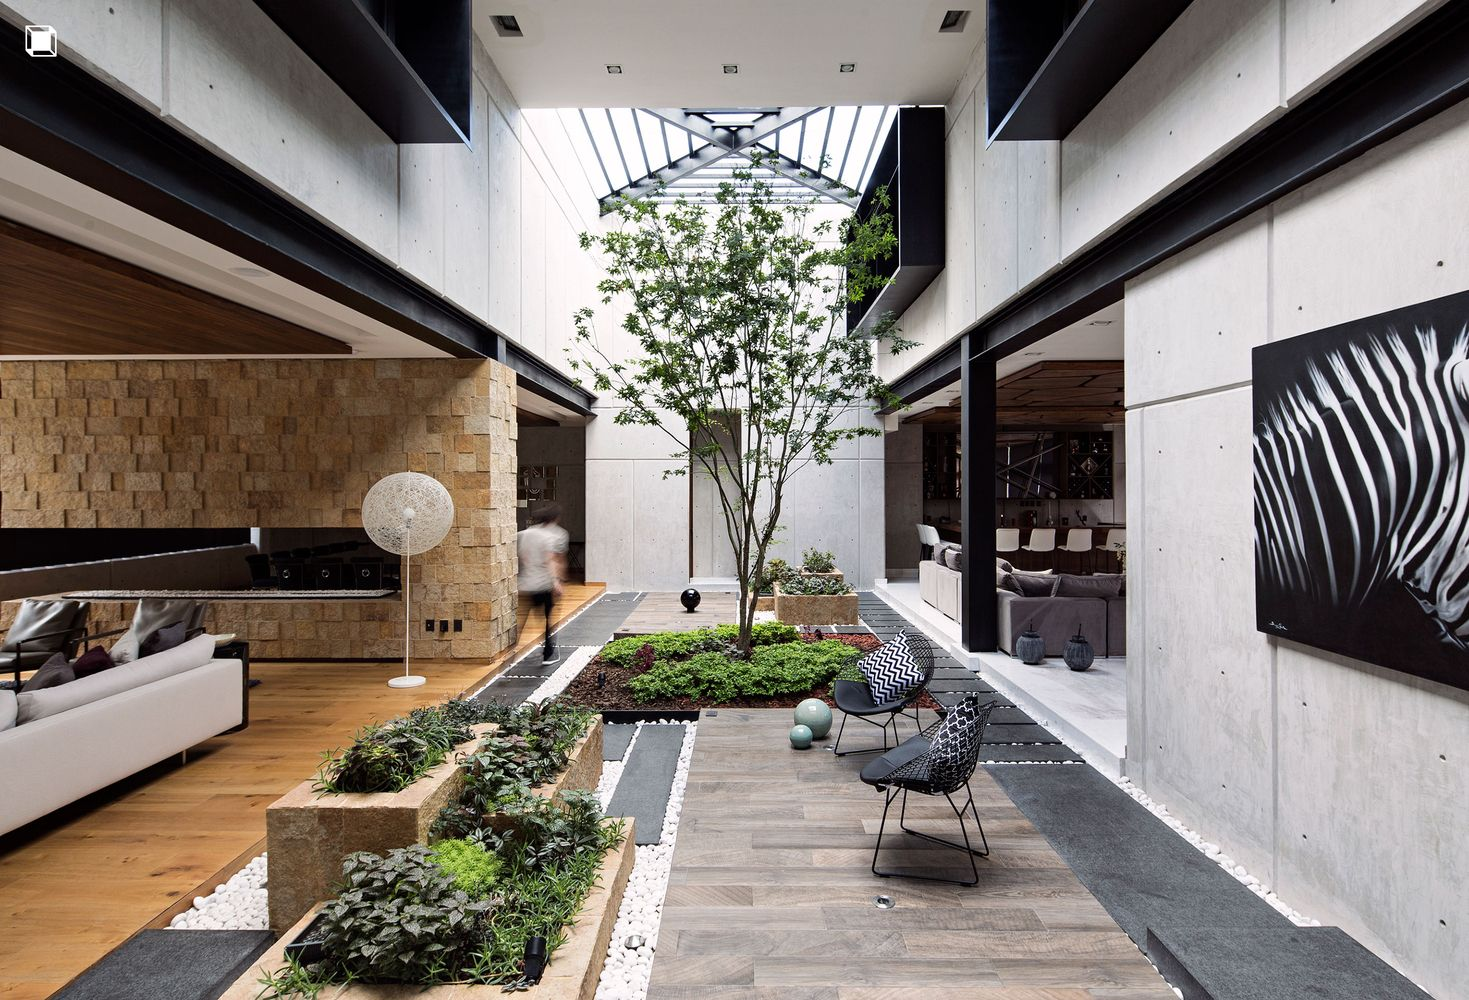 Gallery of Ro House / Aarón Carrillo Díaz - 10 | House, Interiors ...